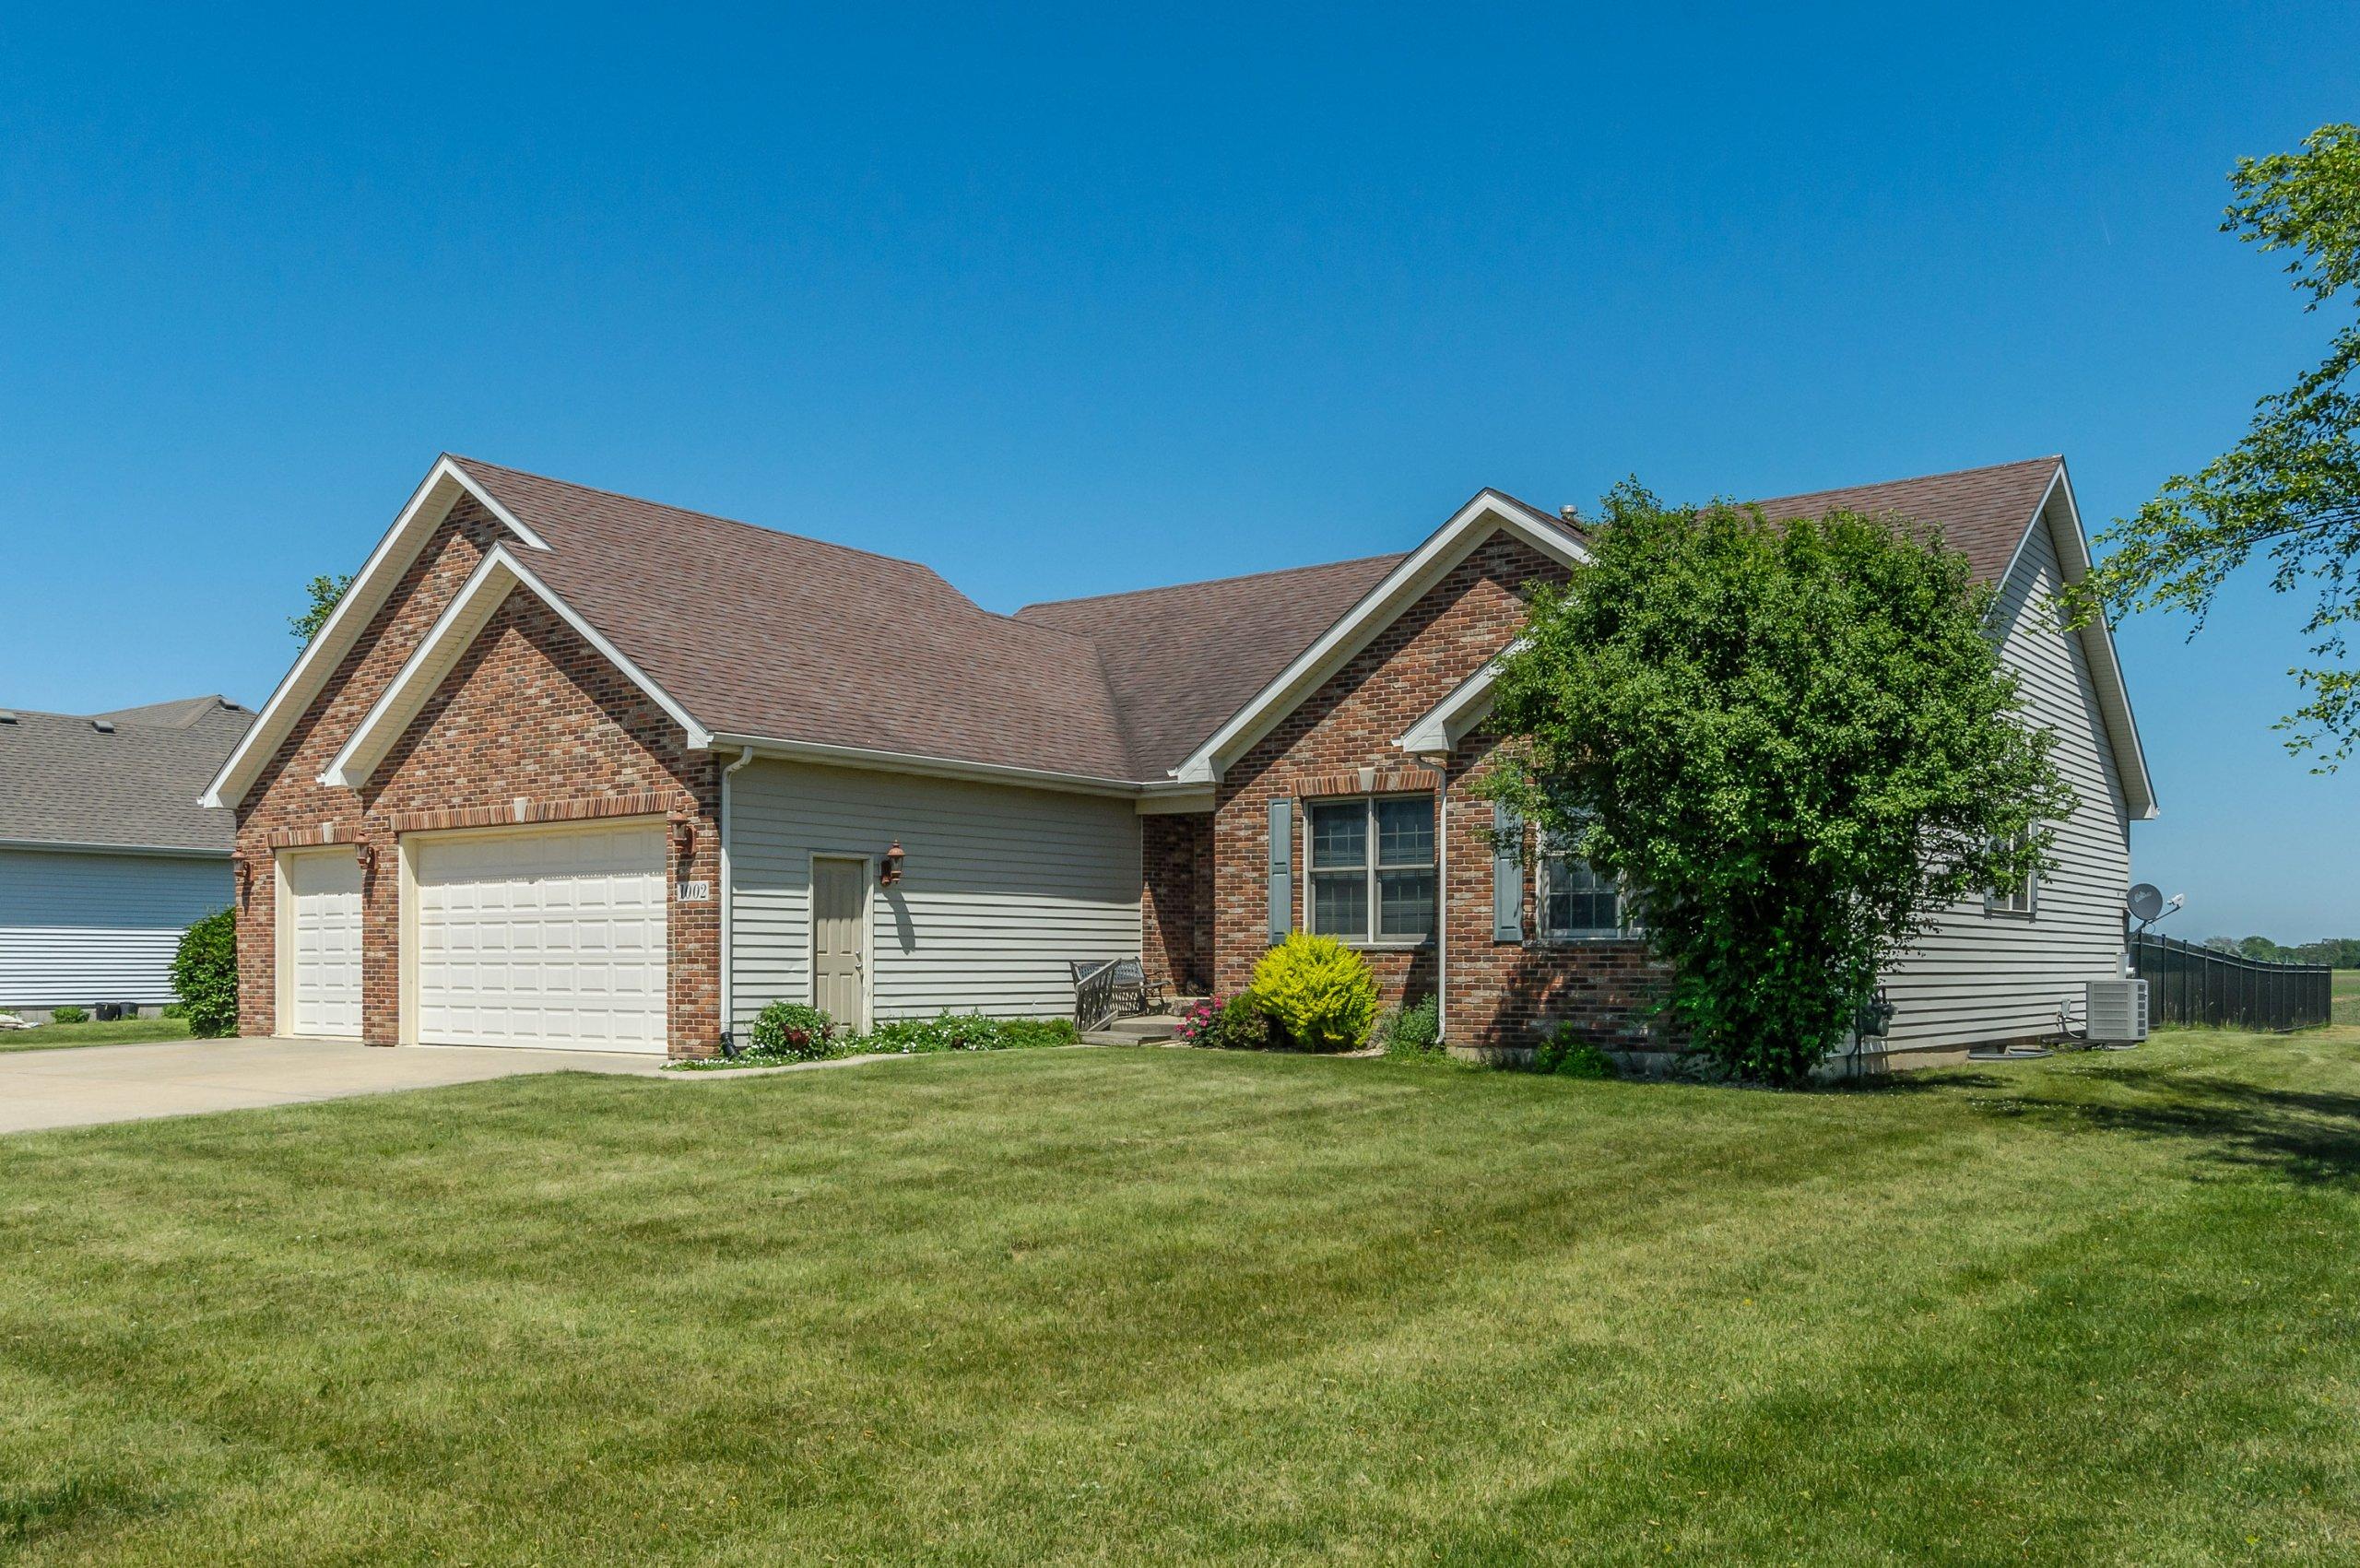 Brick ranch in Sandhurst subdivision - Sandwich, Illinois.